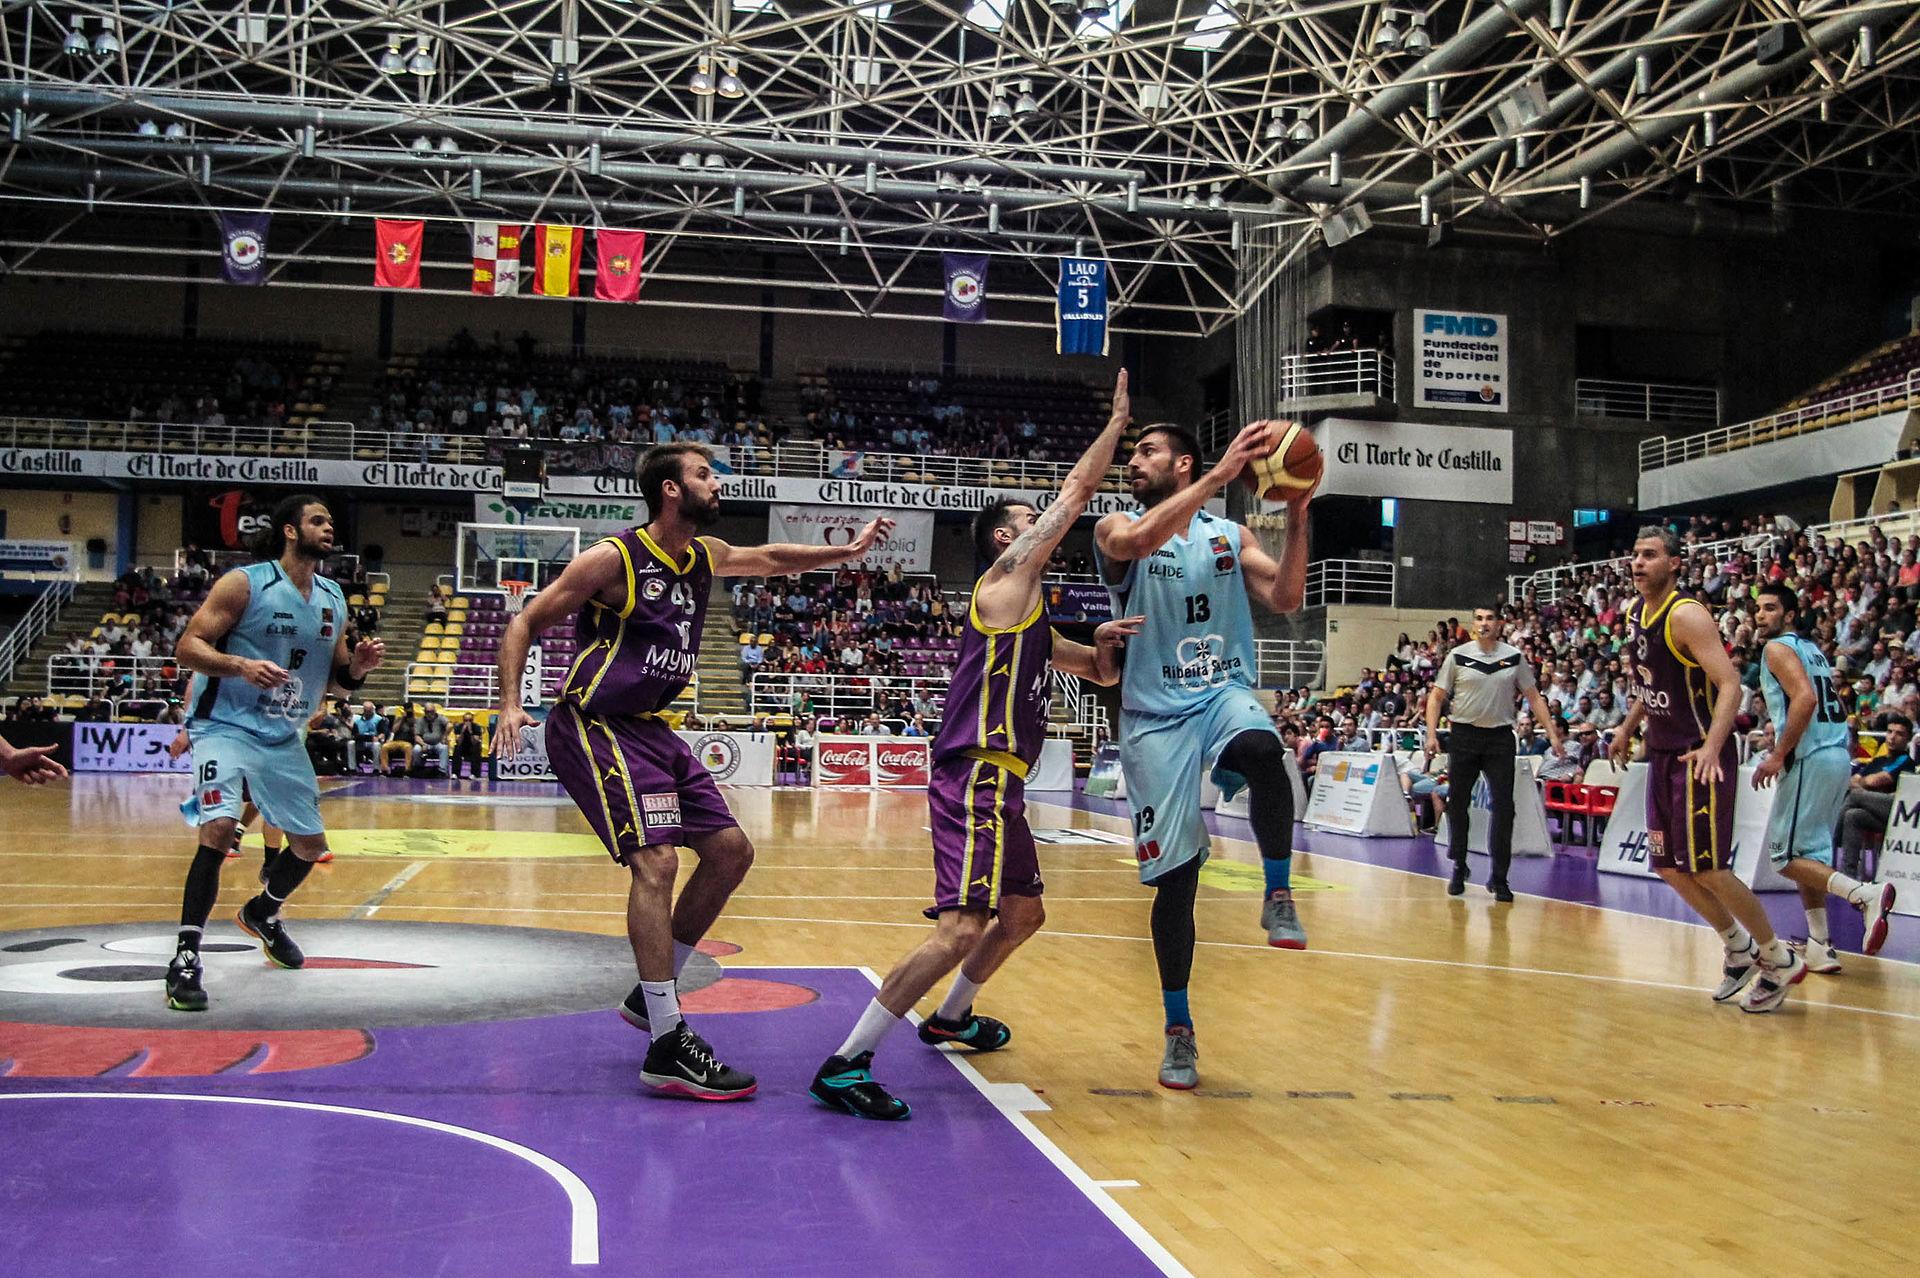 1. liga basketball